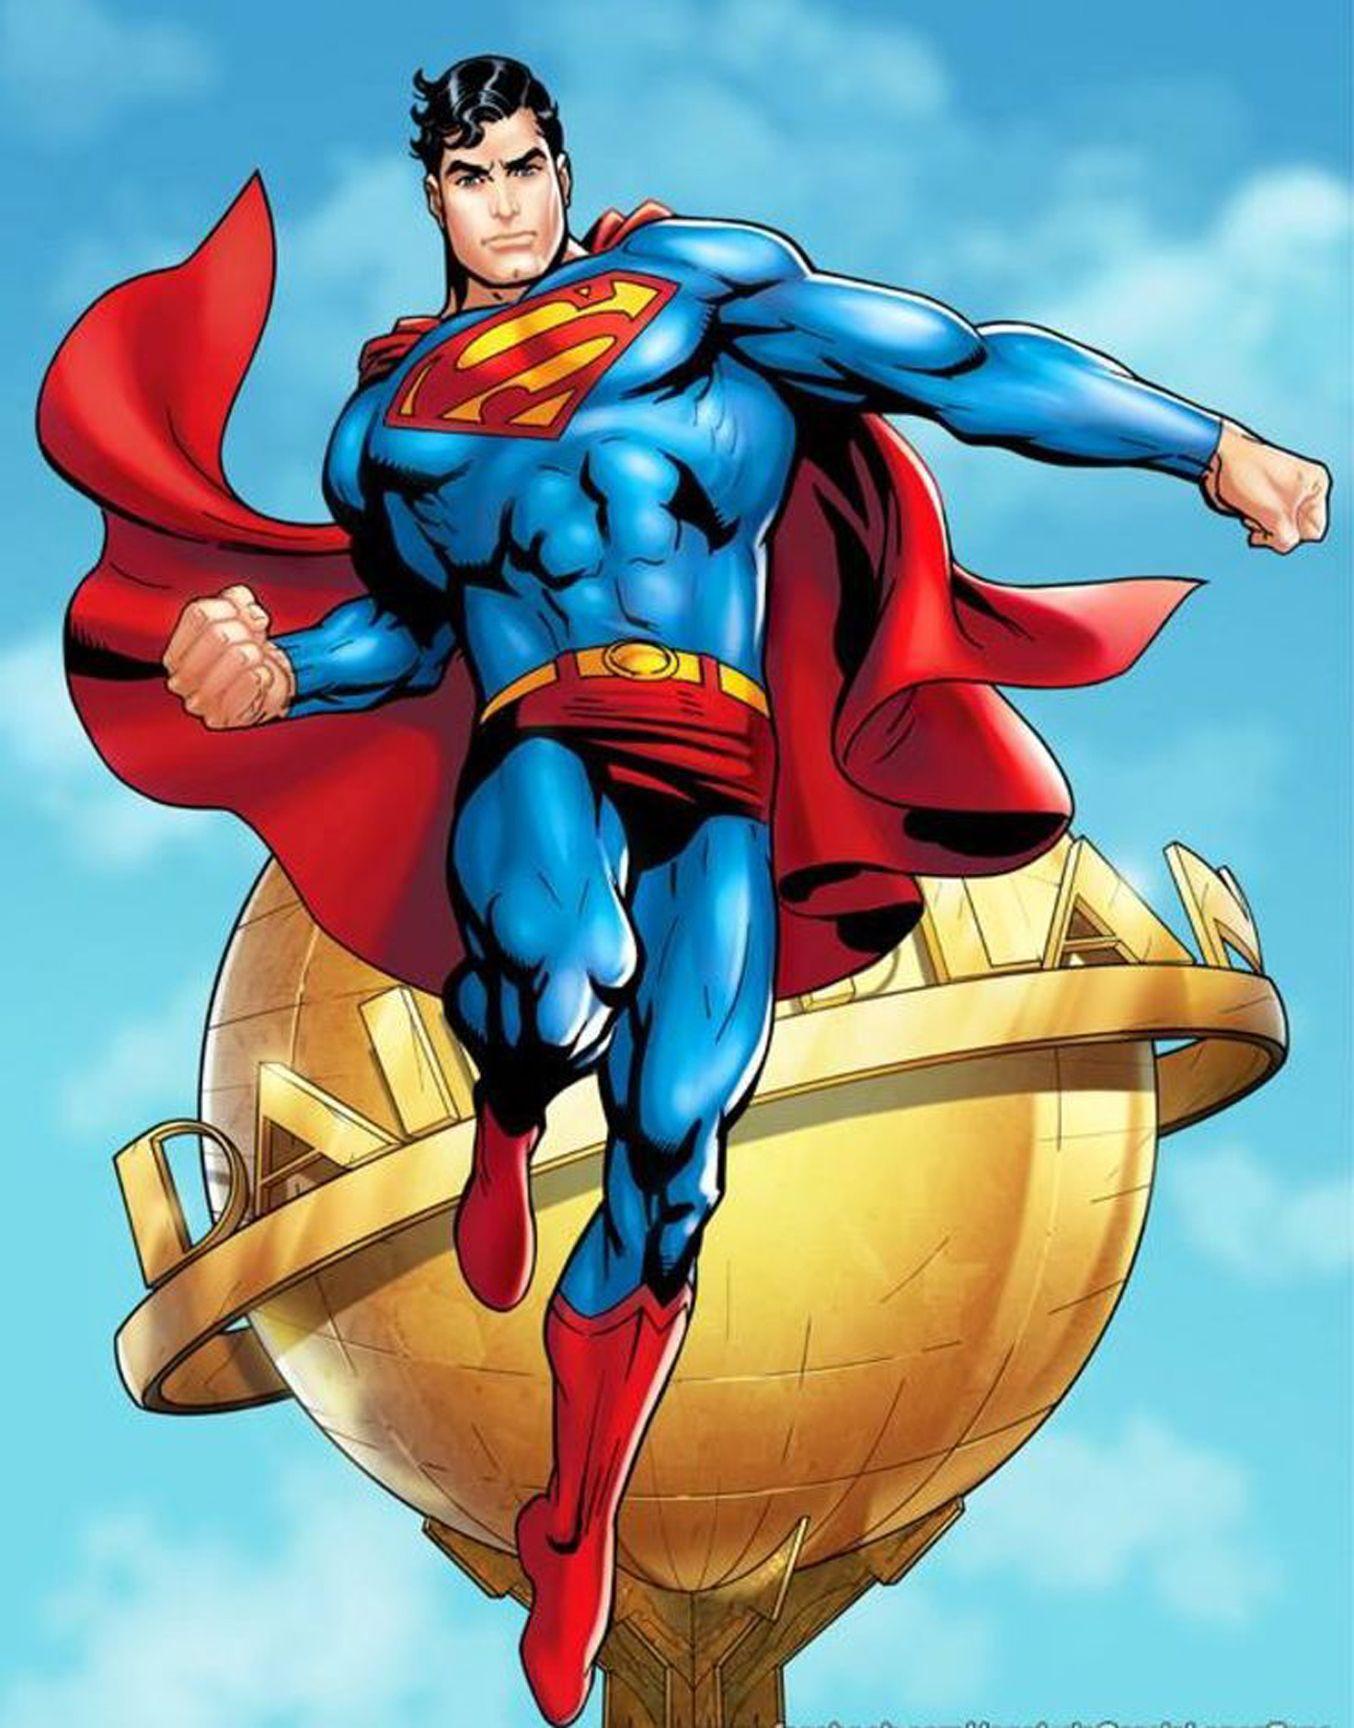 Супермен картинка круглая